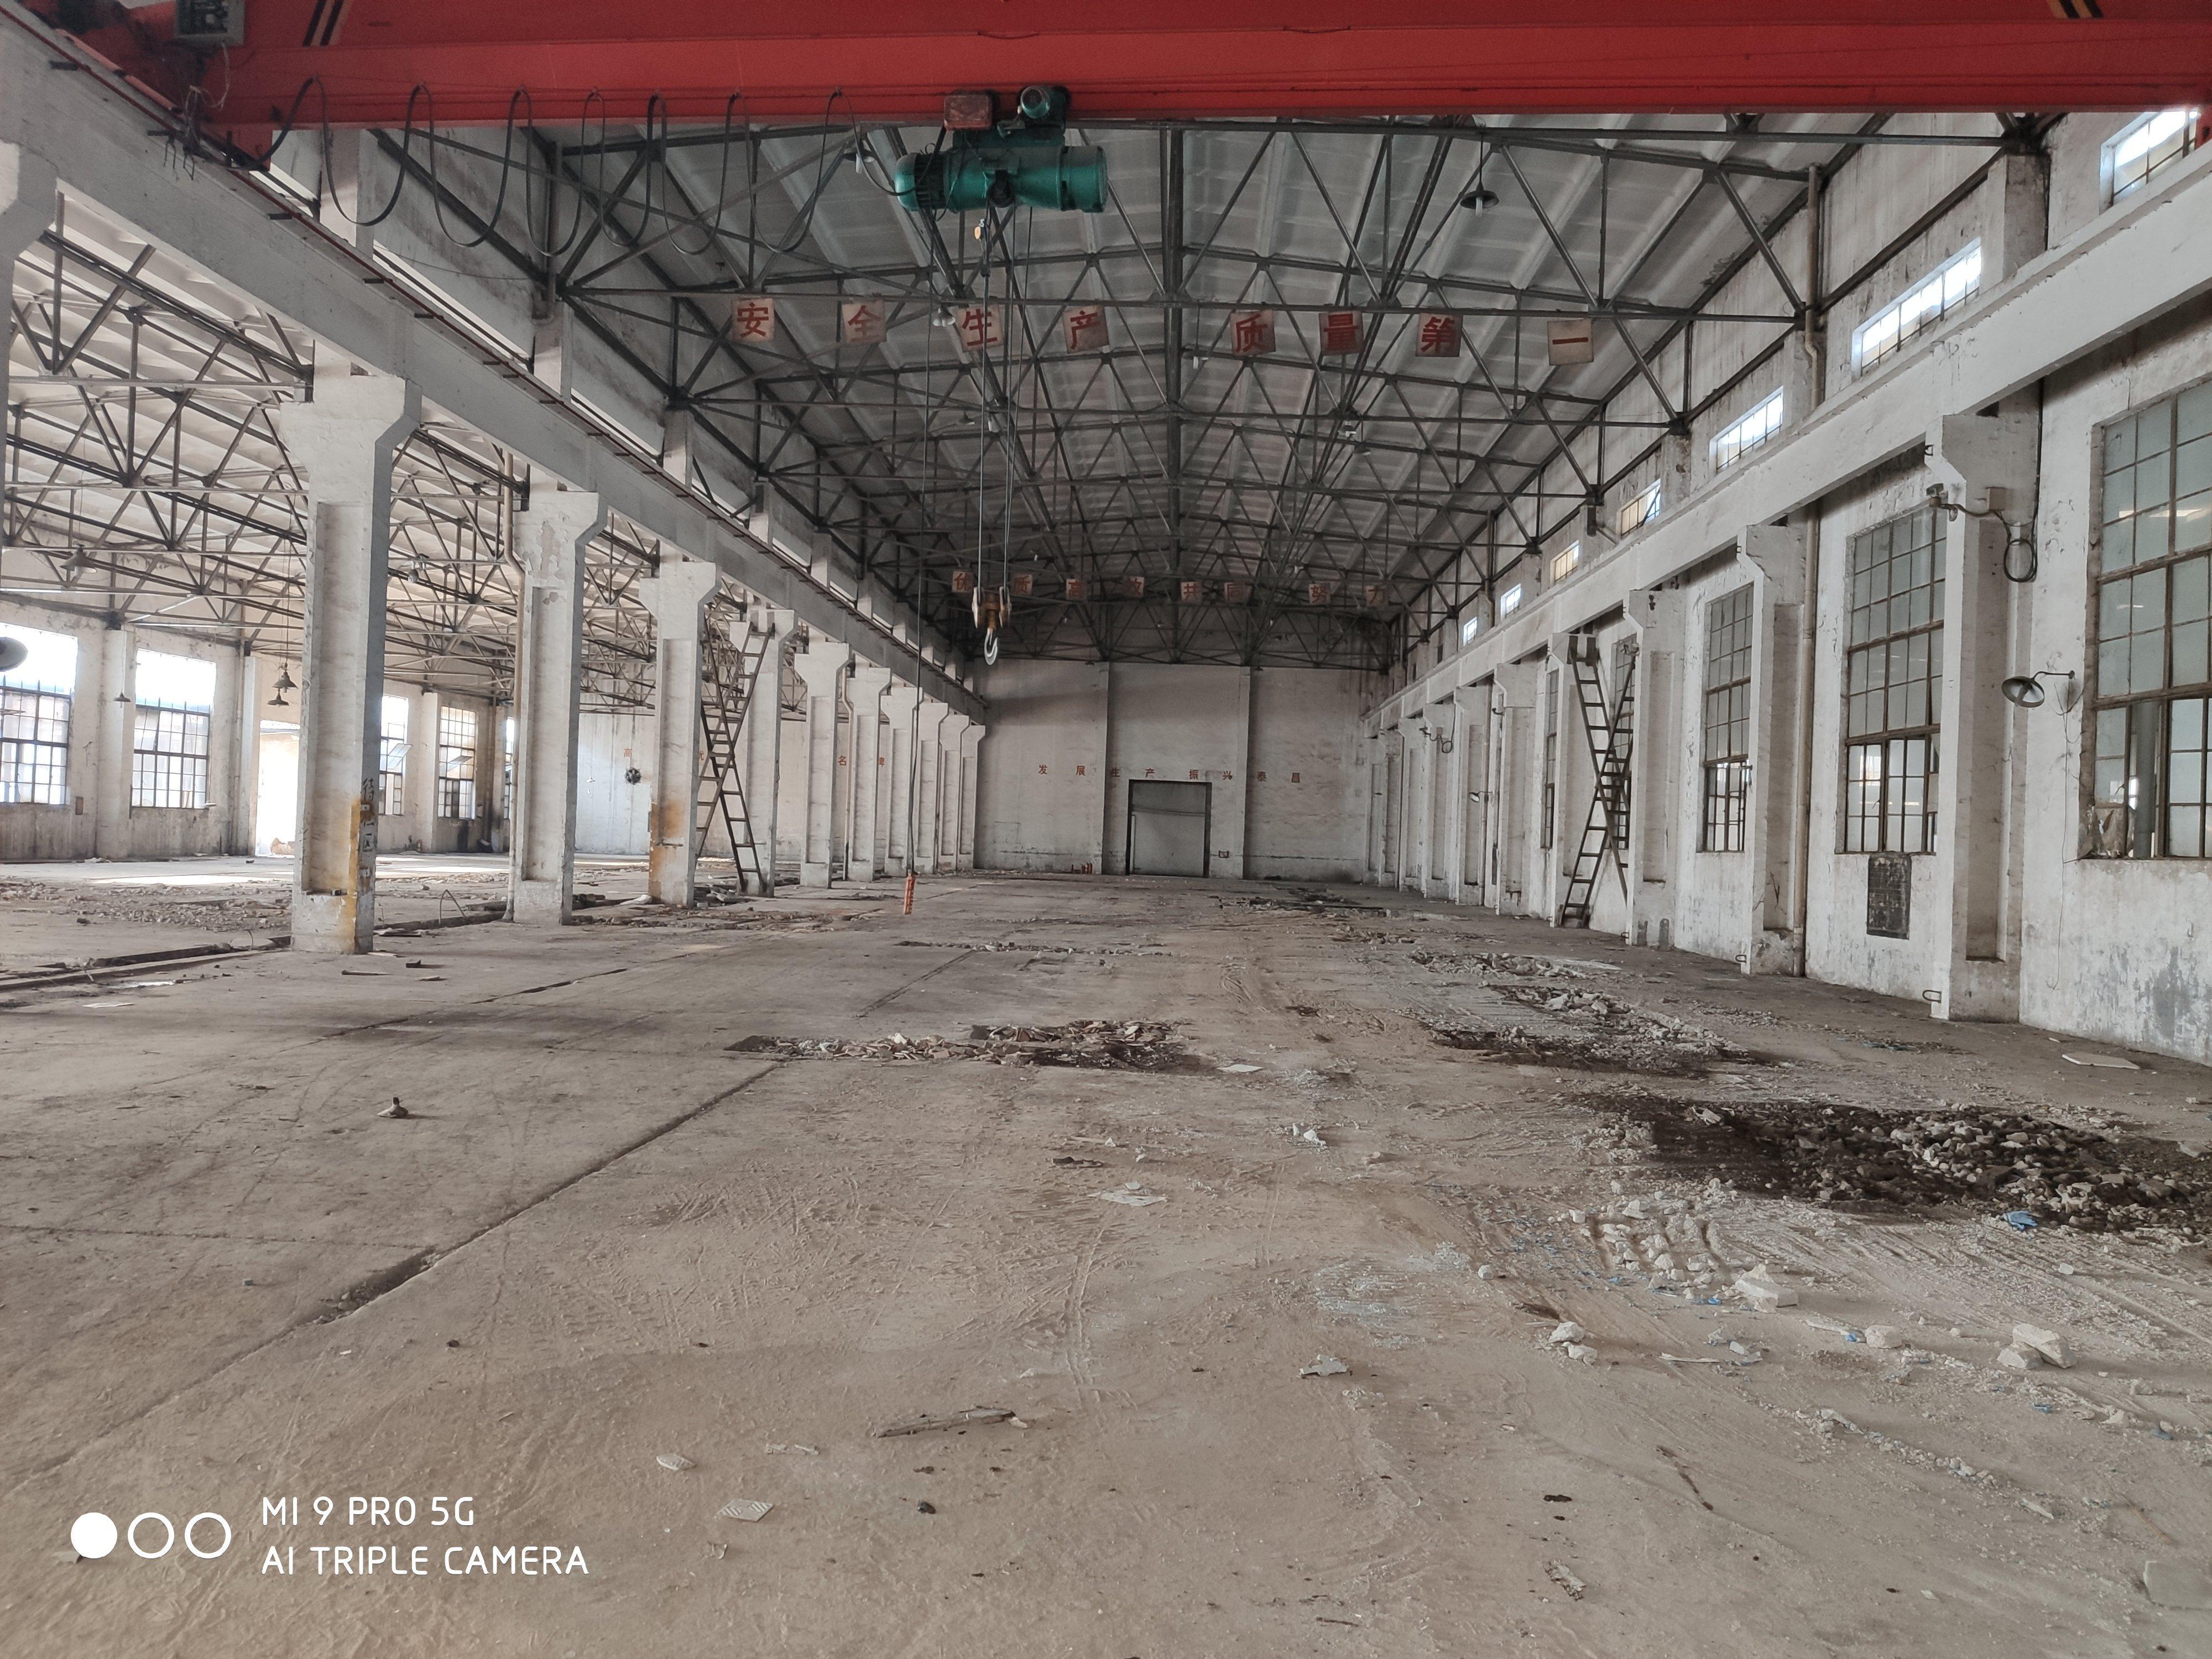 盘龙城钢构一楼3800平米可分租,高9米,羽毛球,蓝球均可